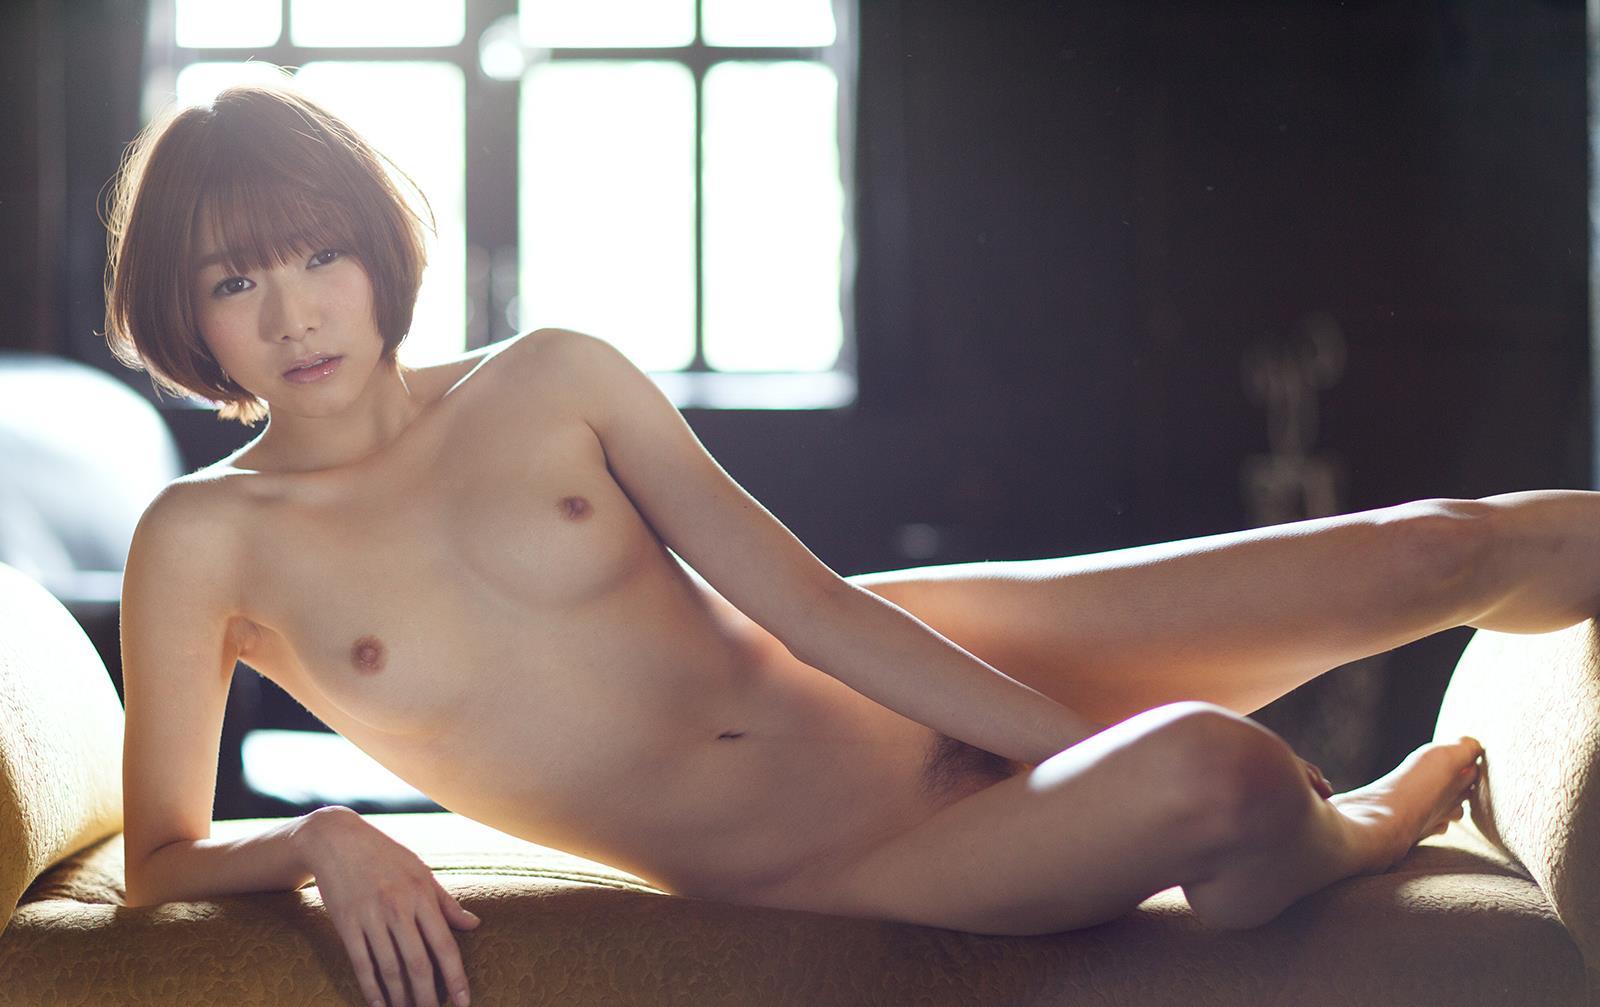 涼川絢音 Eカップ 手足の長い色白ロリ顔で美少女な着エロアイドルAV女優画像 107枚 No.91